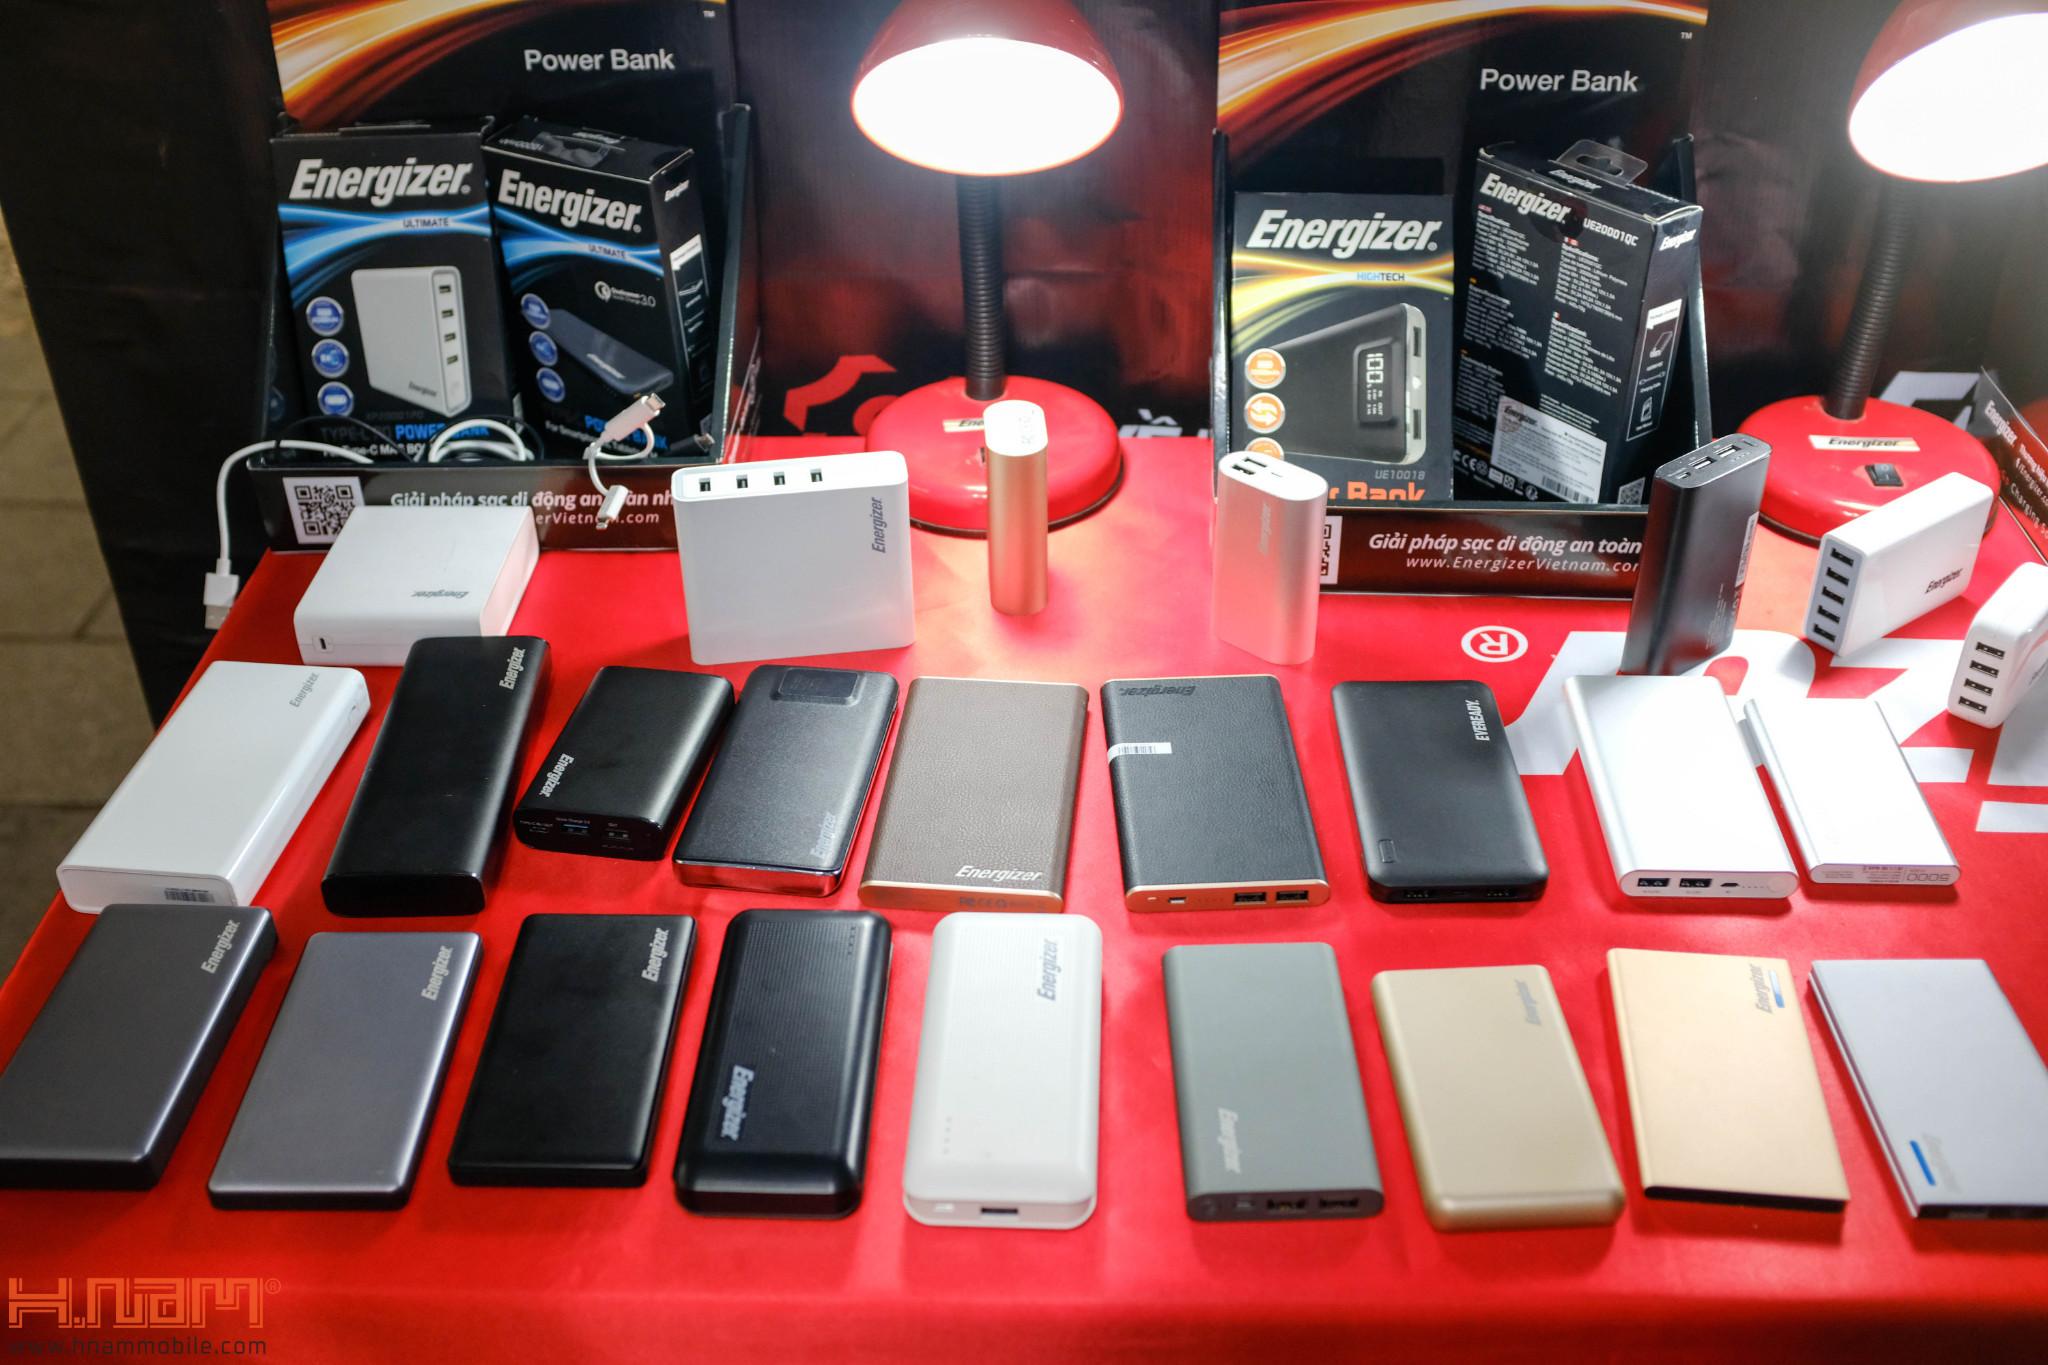 Energizer ra mắt 5 mẫu pin dự phòng mới tại Việt Nam: Bảo hành 2 năm 1 đổi 1, giá từ 800.000Đ hình 7